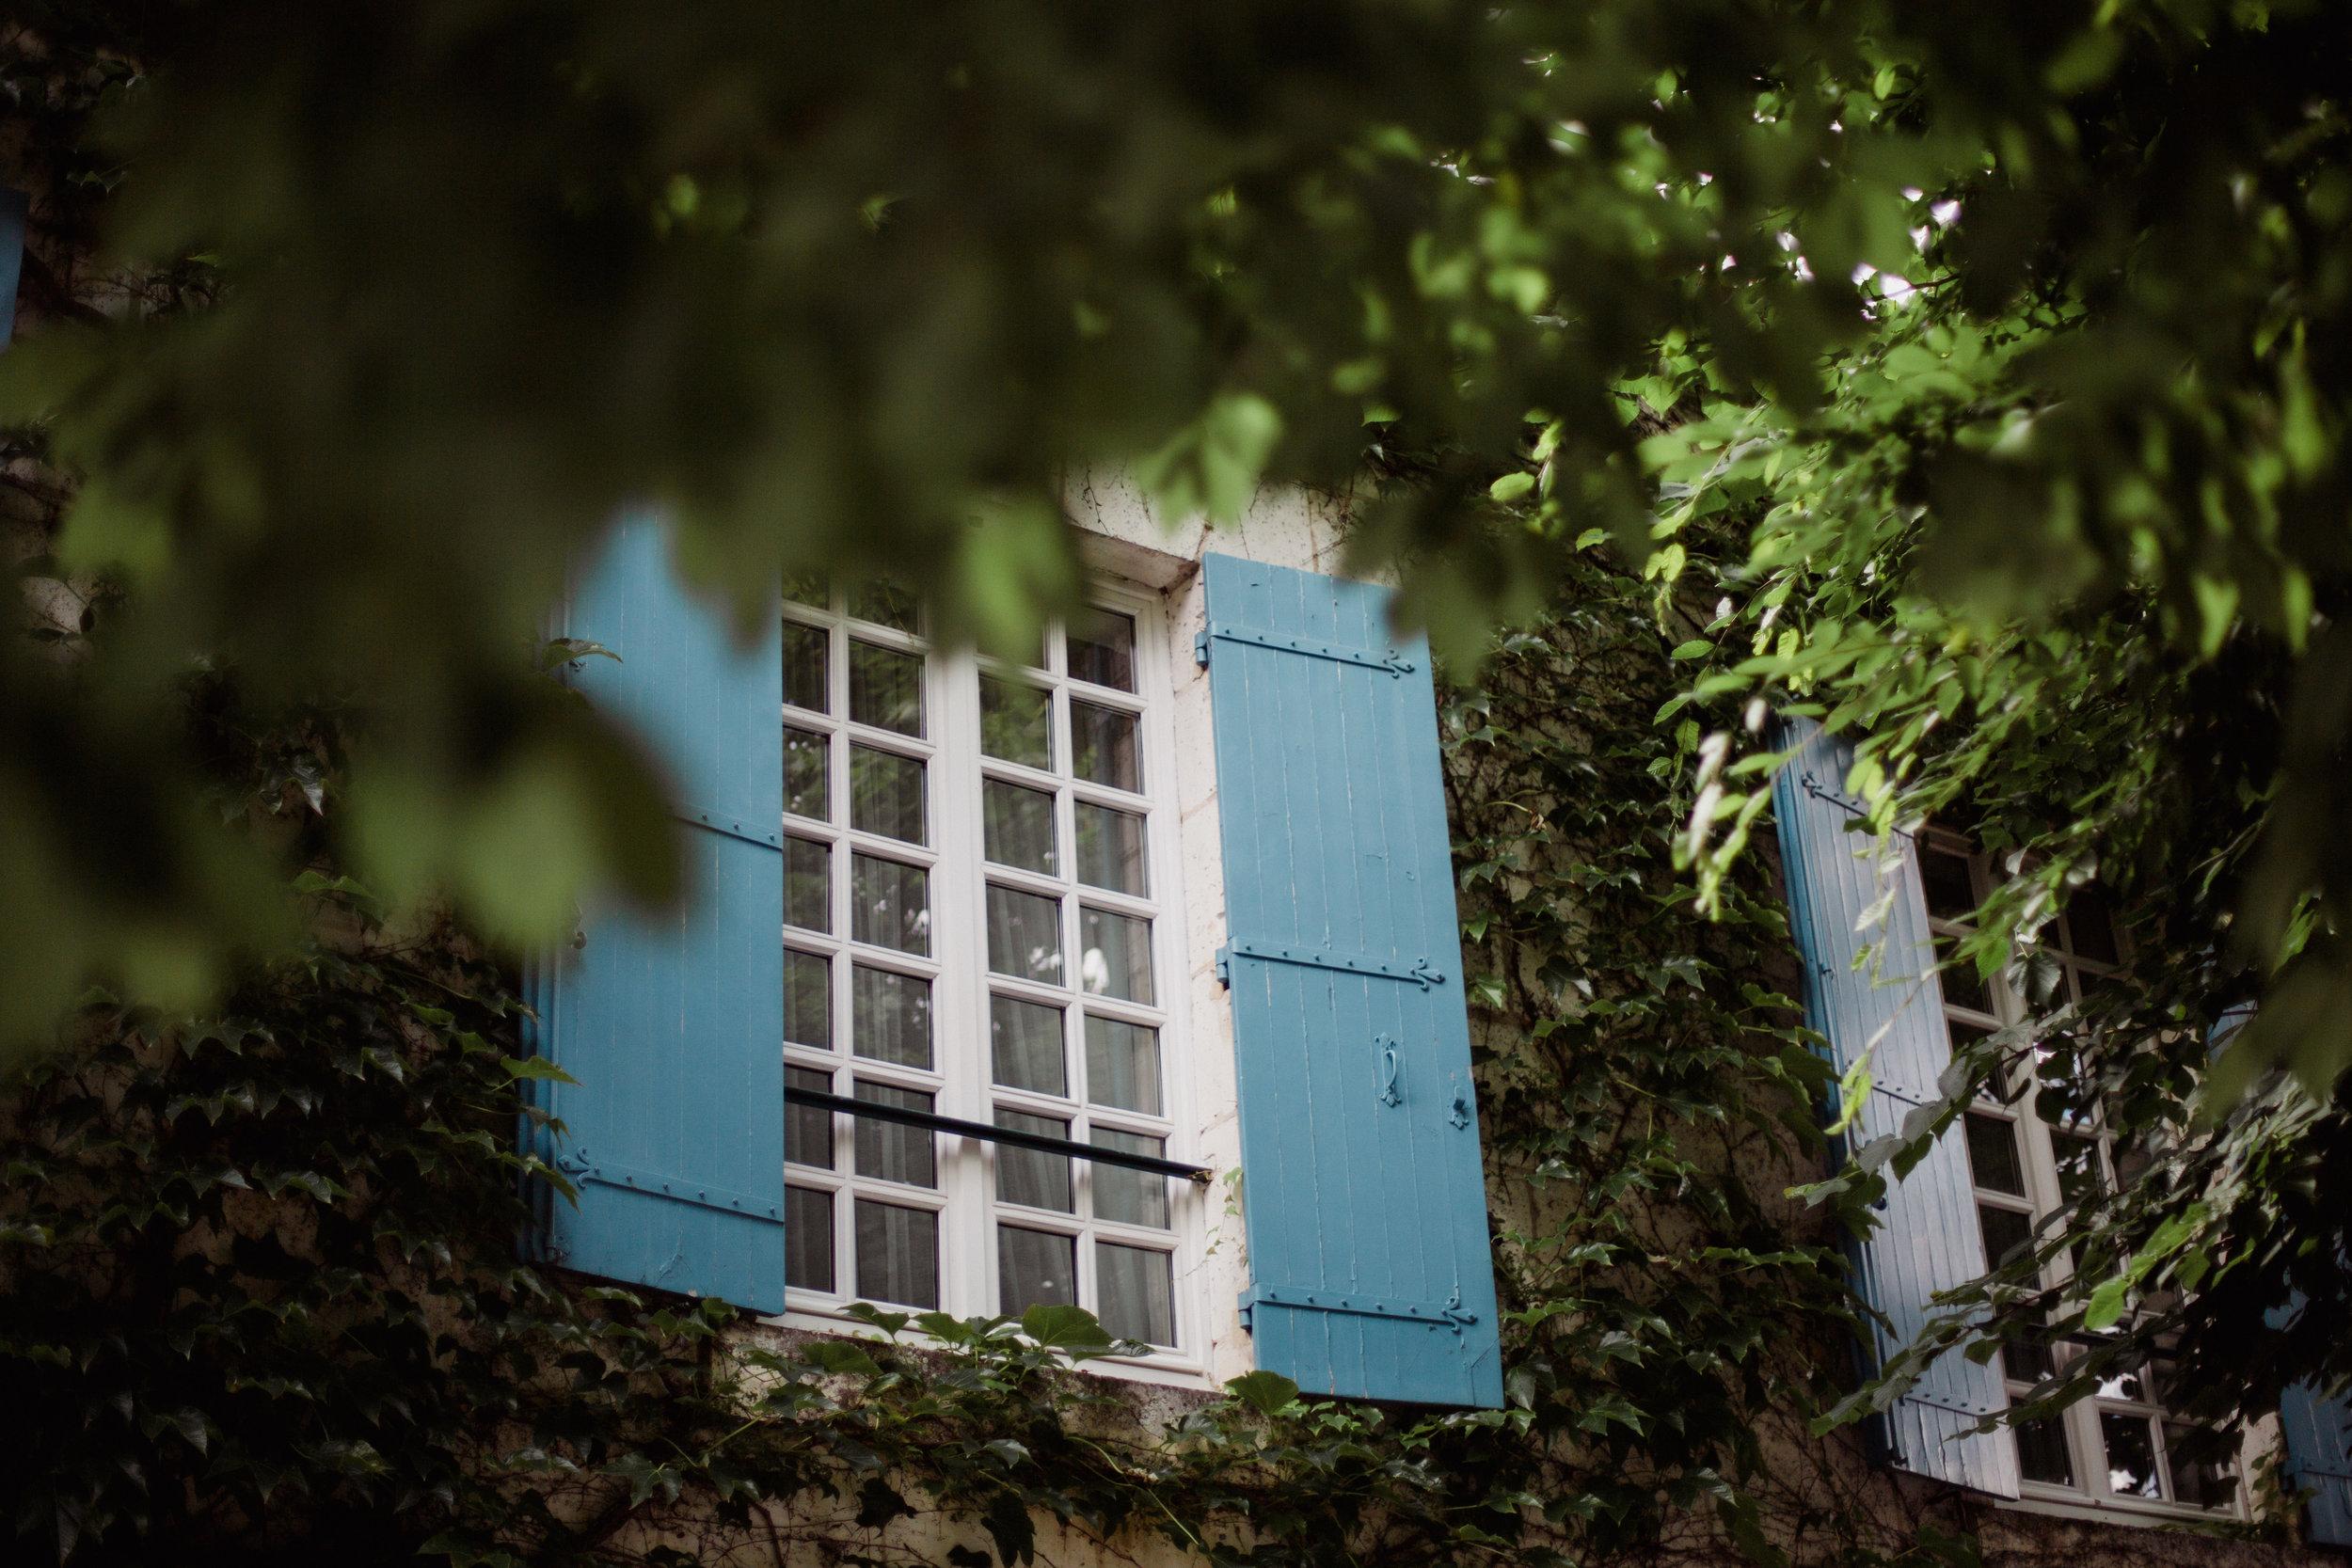 Mariage Dordogne Périgord Restaurant Moulin de l'Abbaye Brantome Photographe Pauline Maroussia P Bordeaux